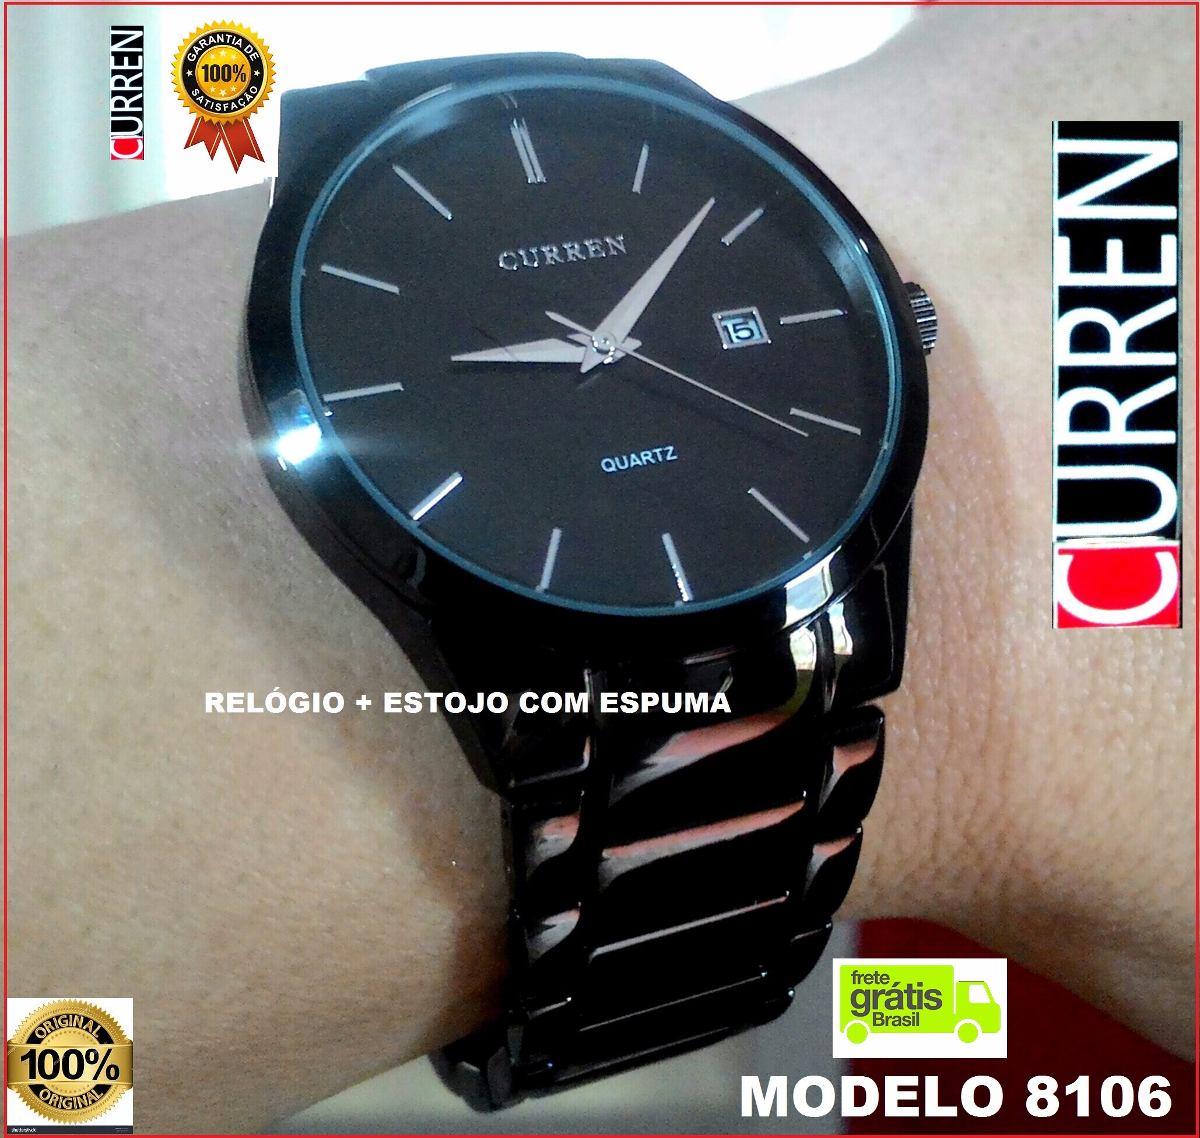 97a8c30c8c4 Relógio Casual Curren Modelo 8106 Masculino Original - Black - R ...